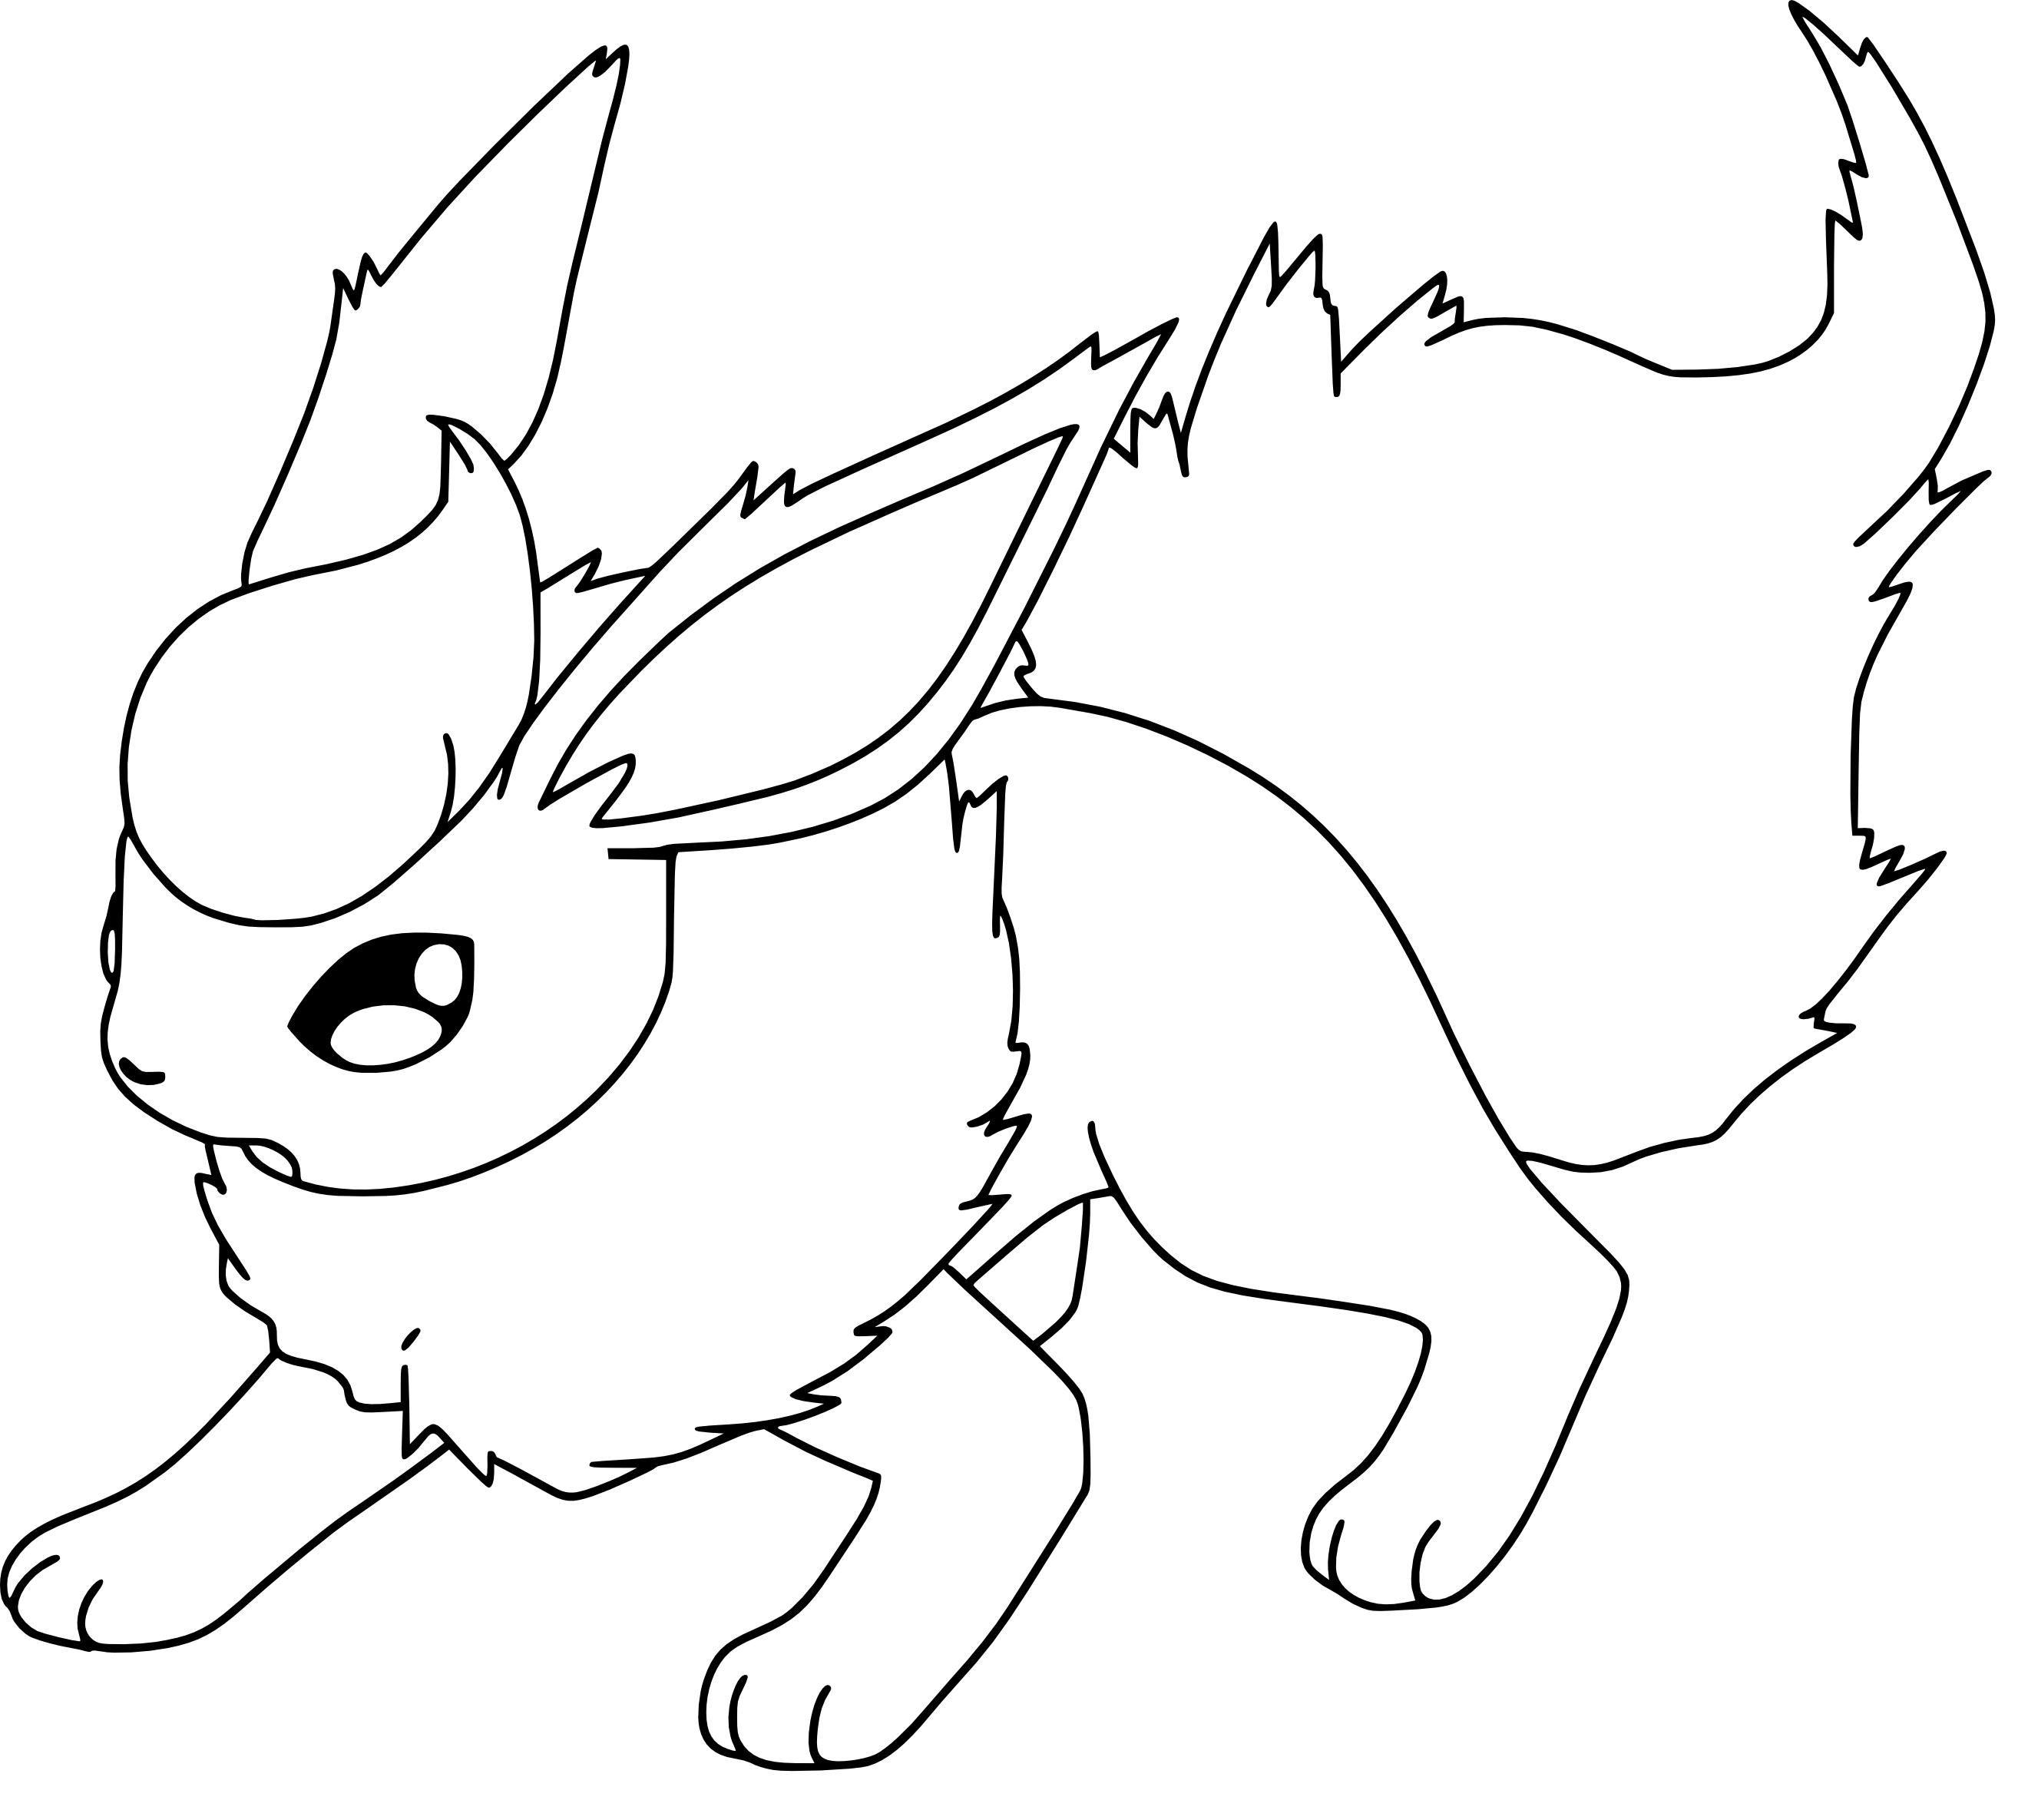 Pin On Coloriage Imprimer à Noctali Pokemone Coloriage